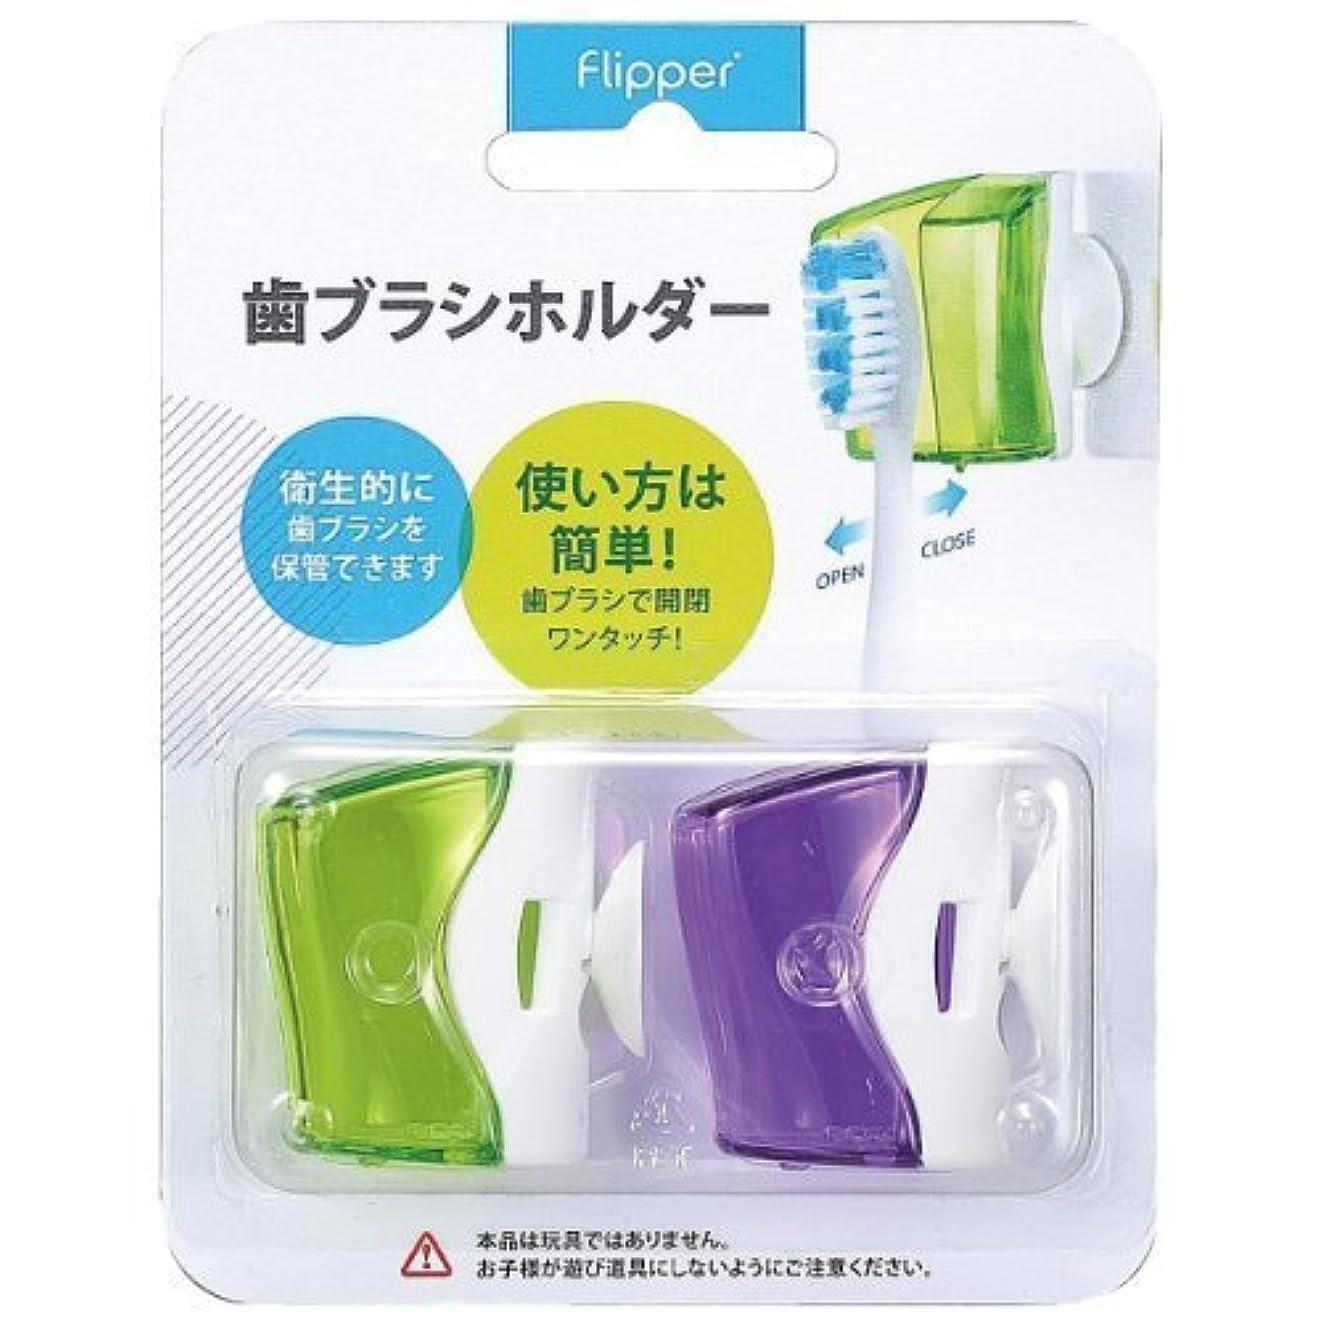 汚いボンド落ちた【歯ブラシホルダー】フリッパー ベーシック 2個セット / グリーン×パープル